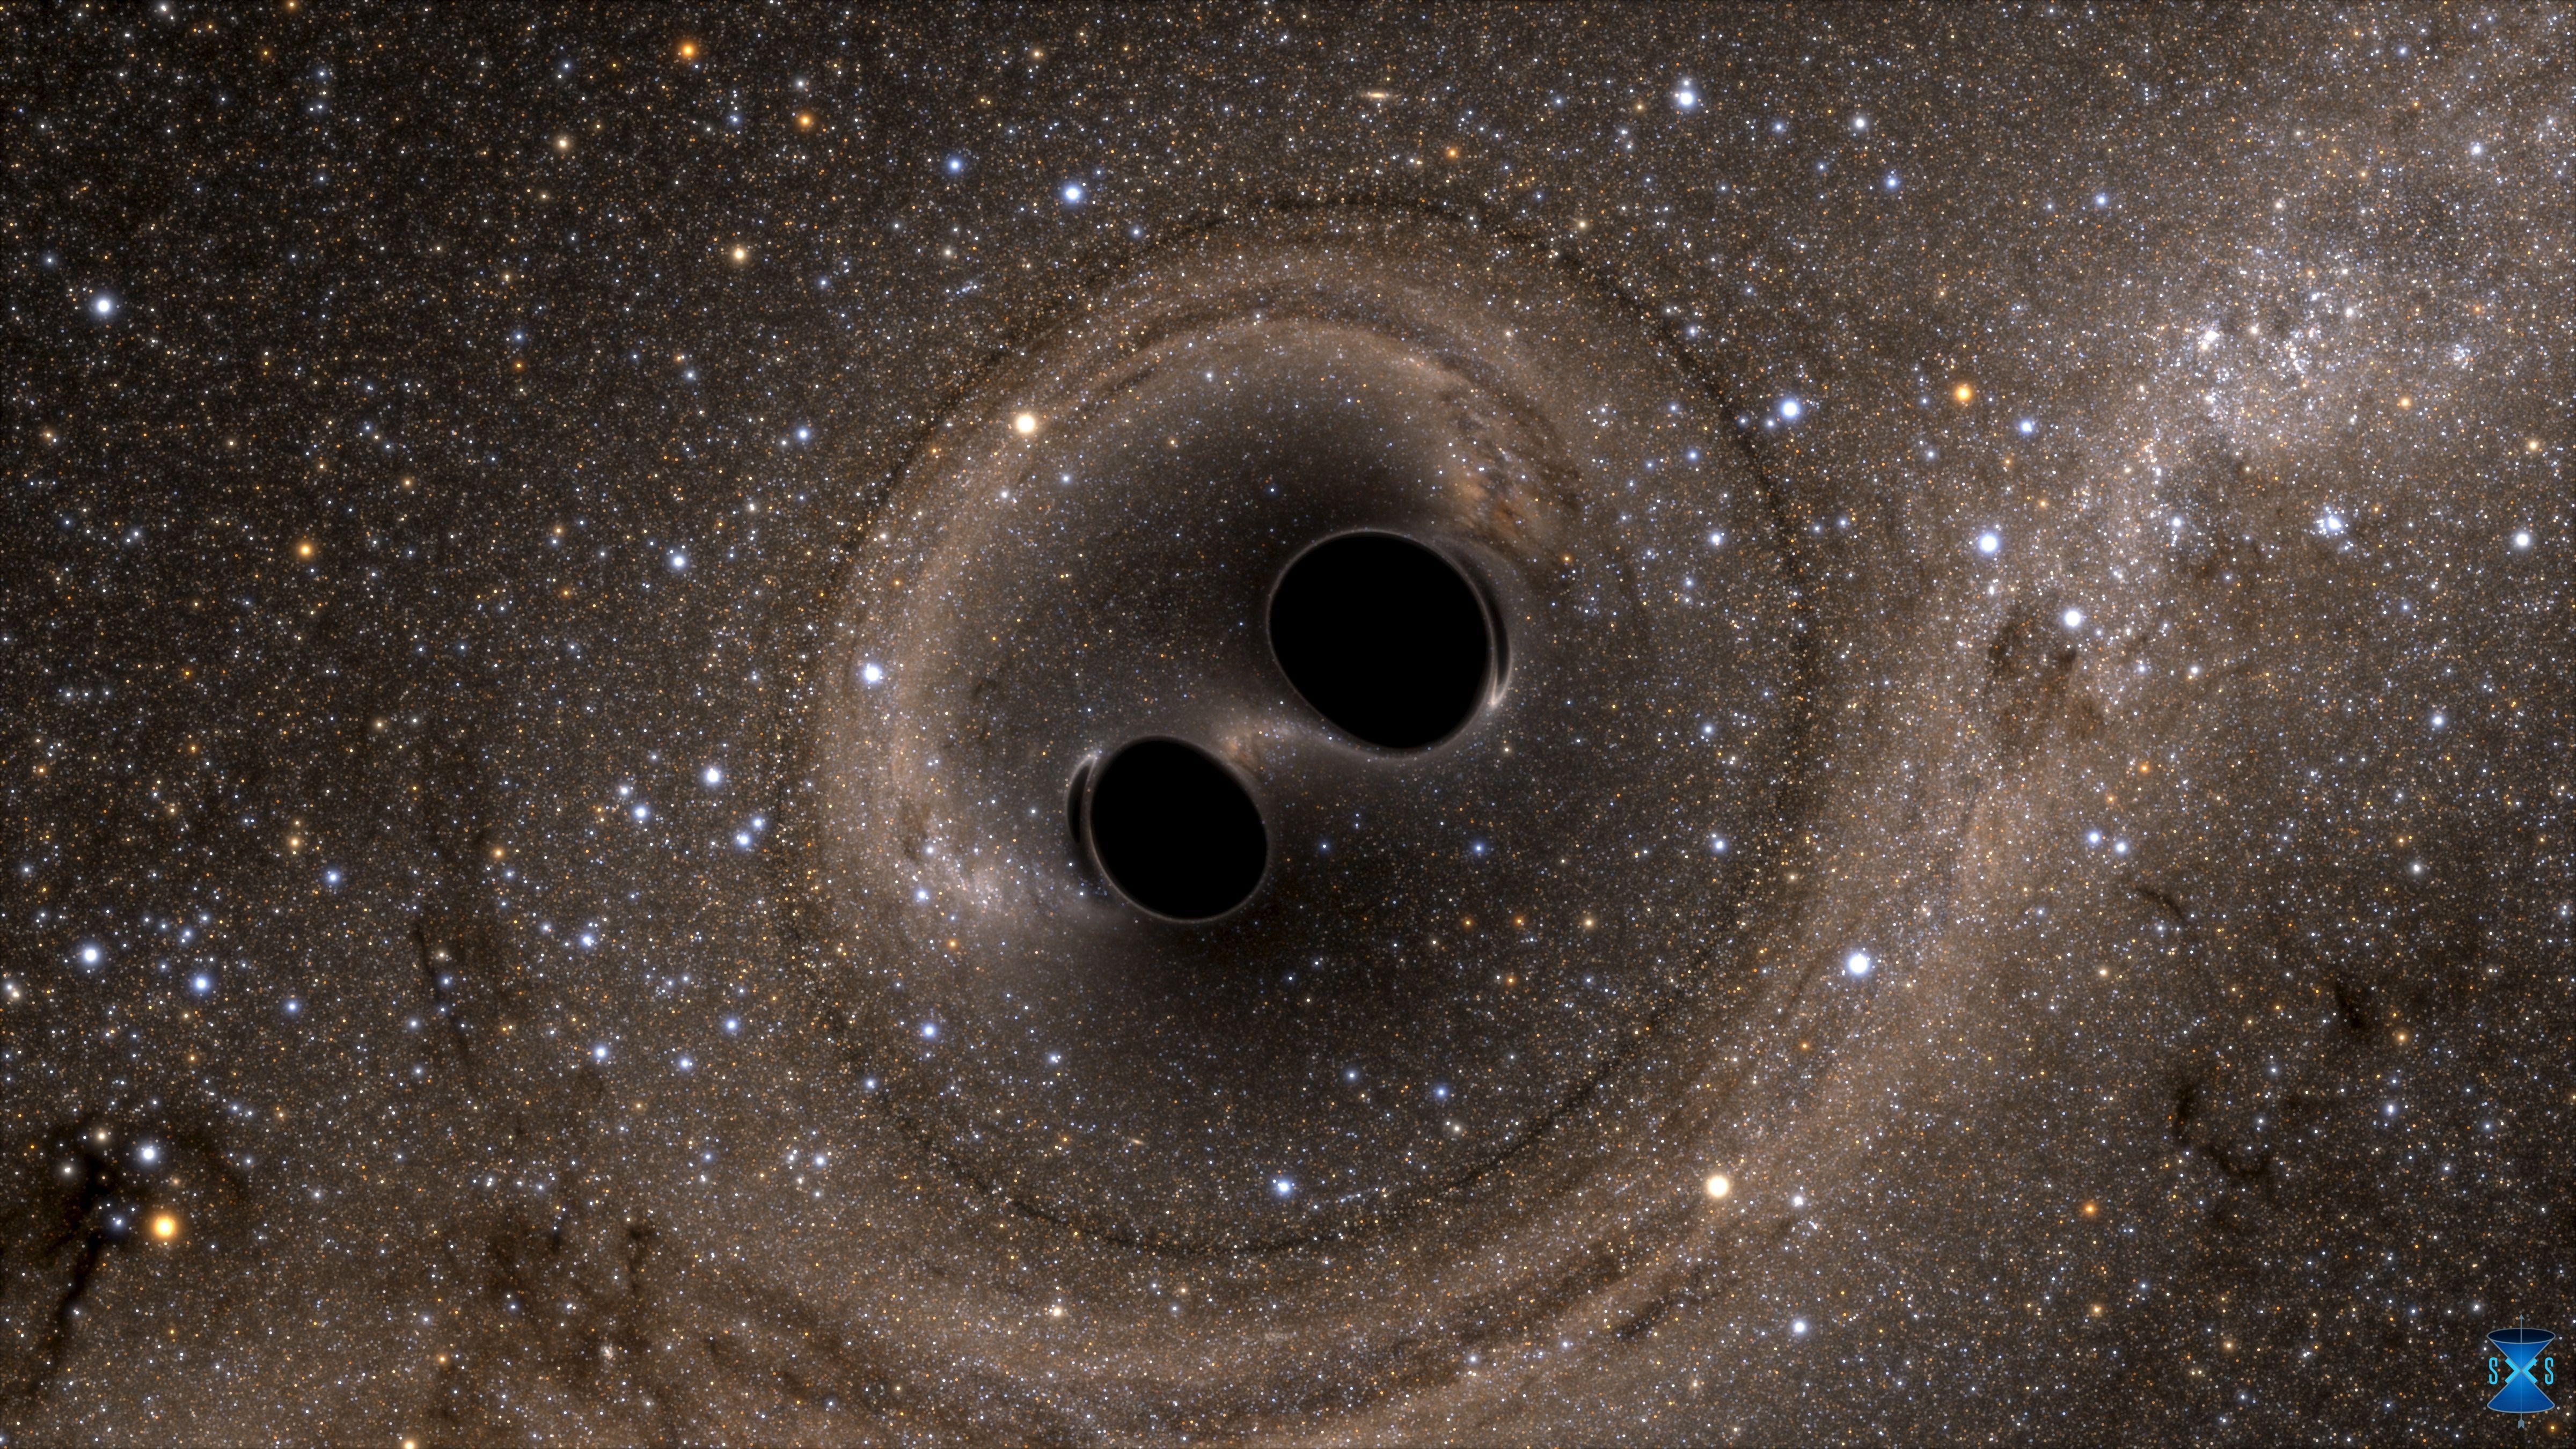 Une planète monstre surprend les astronomes